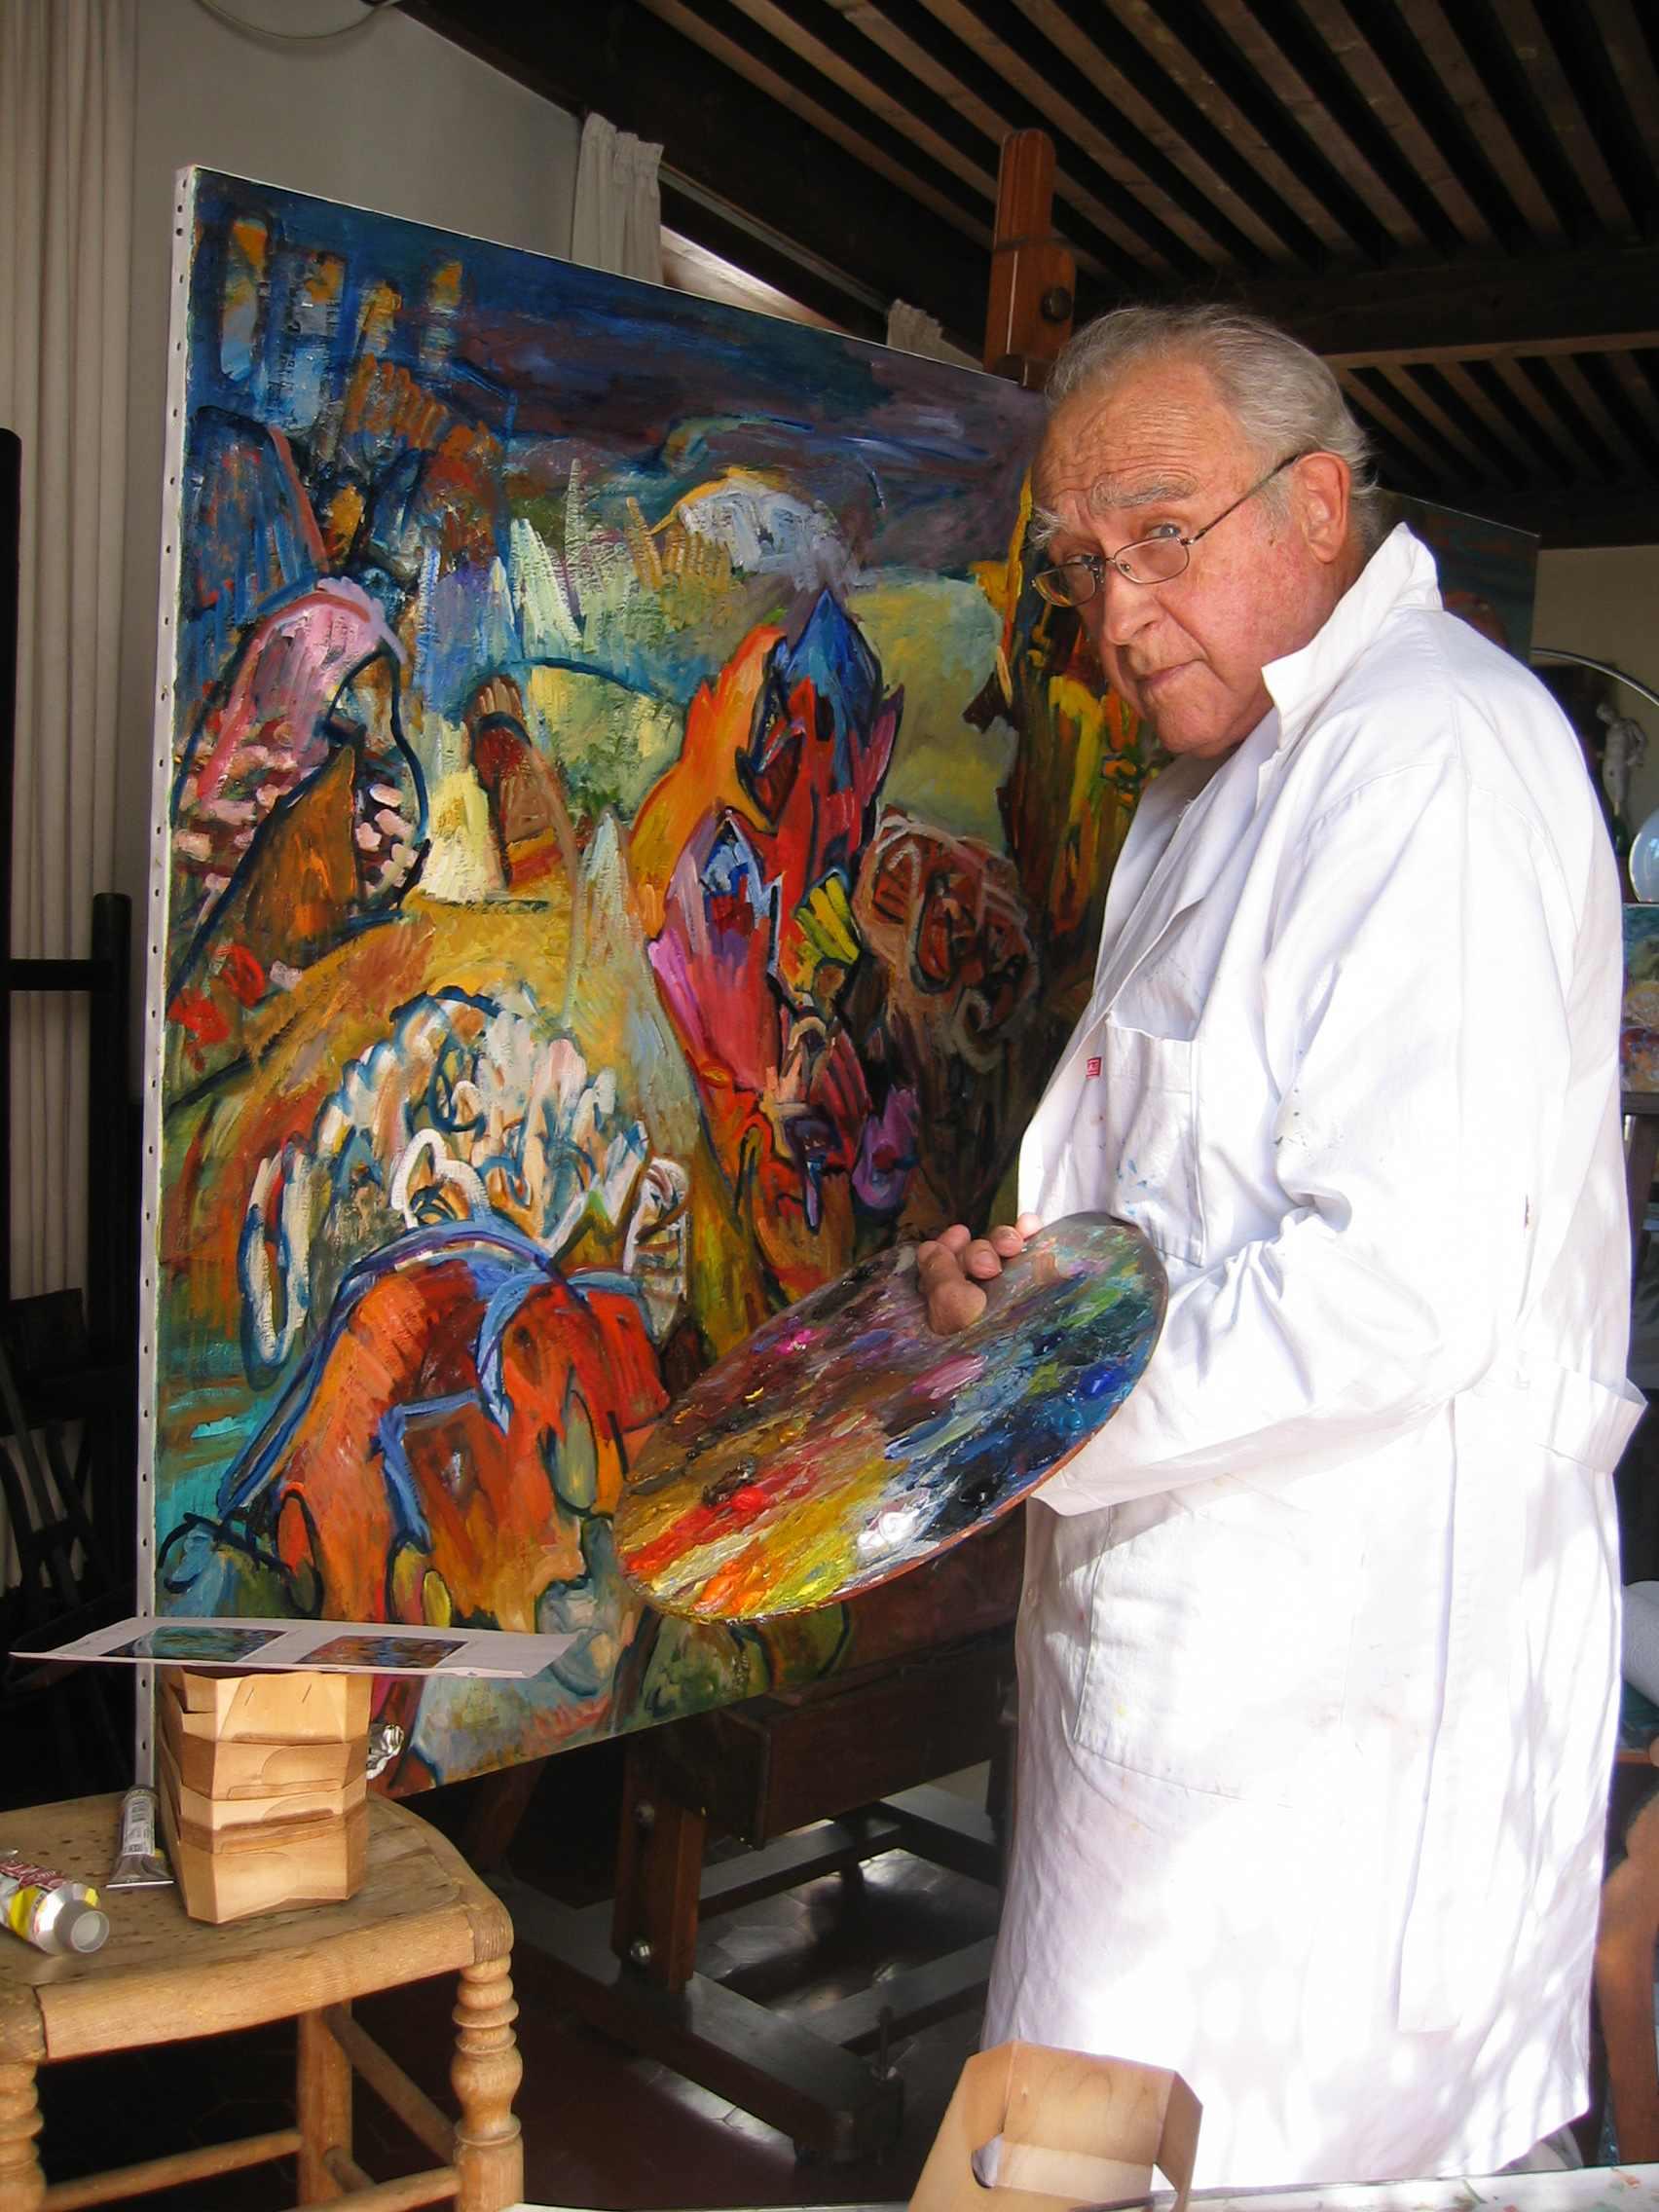 Site Des Artistes Peintres jean dubrusk artiste peintre - nouveau site officiel